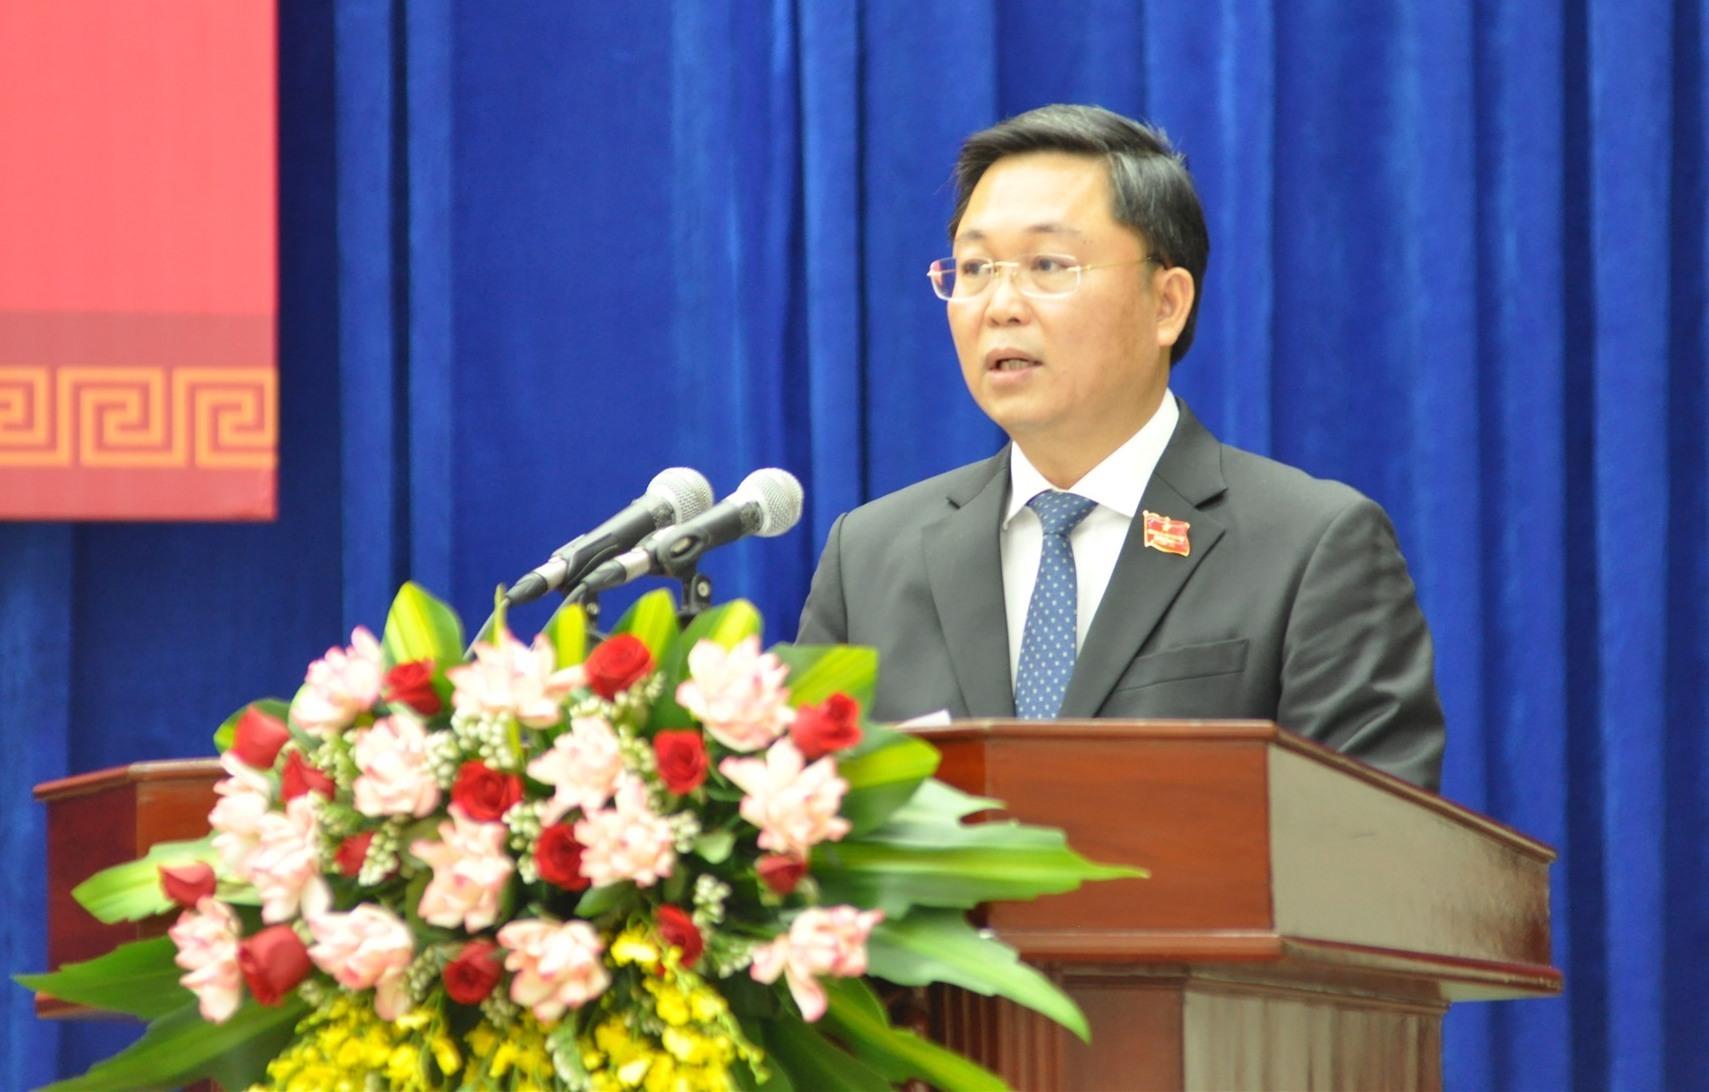 Thay mặt tập thể UBND tỉnh nhiệm kỳ 2021 - 2026, Chủ tịch UBND tỉnh Lê Trí Thanh phát biểu nhận nhiệm vụ. Ảnh: P.Đ